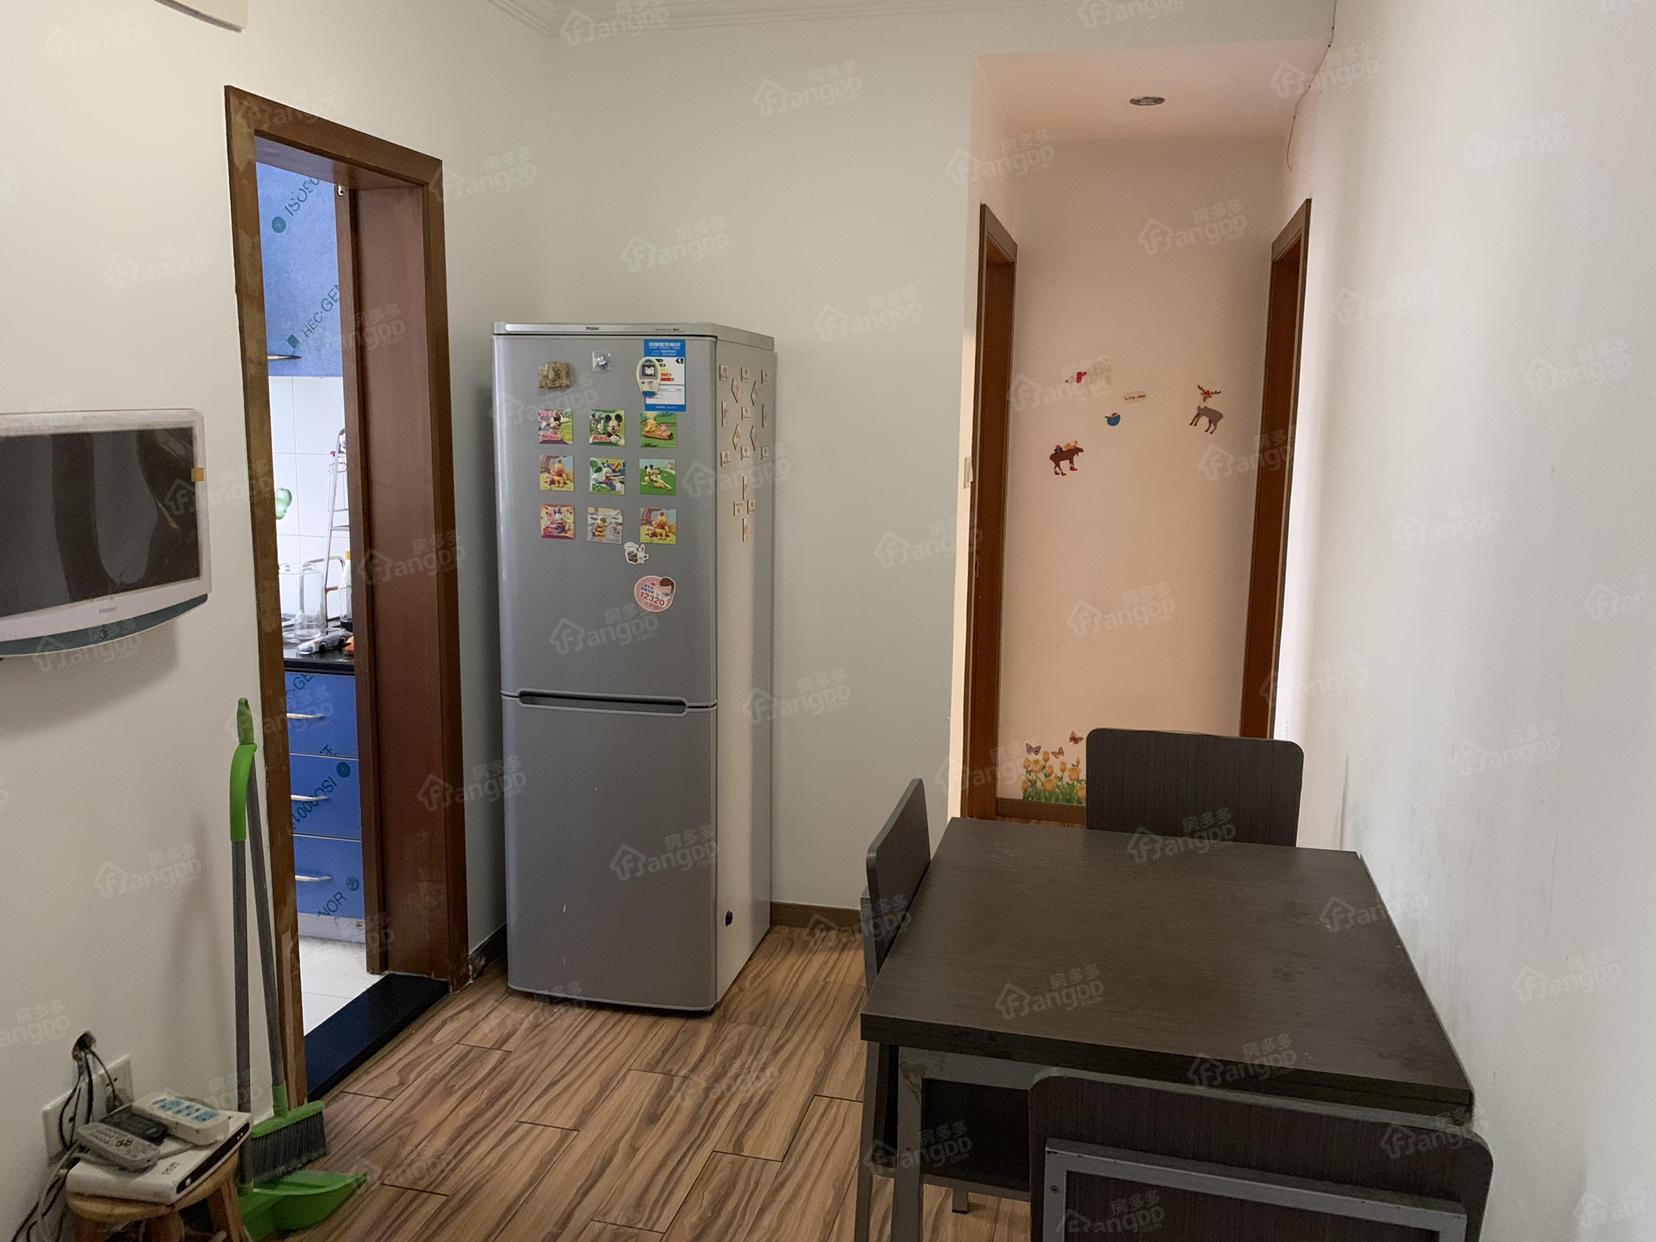 世纪公园低总价两室,空关急售 厅